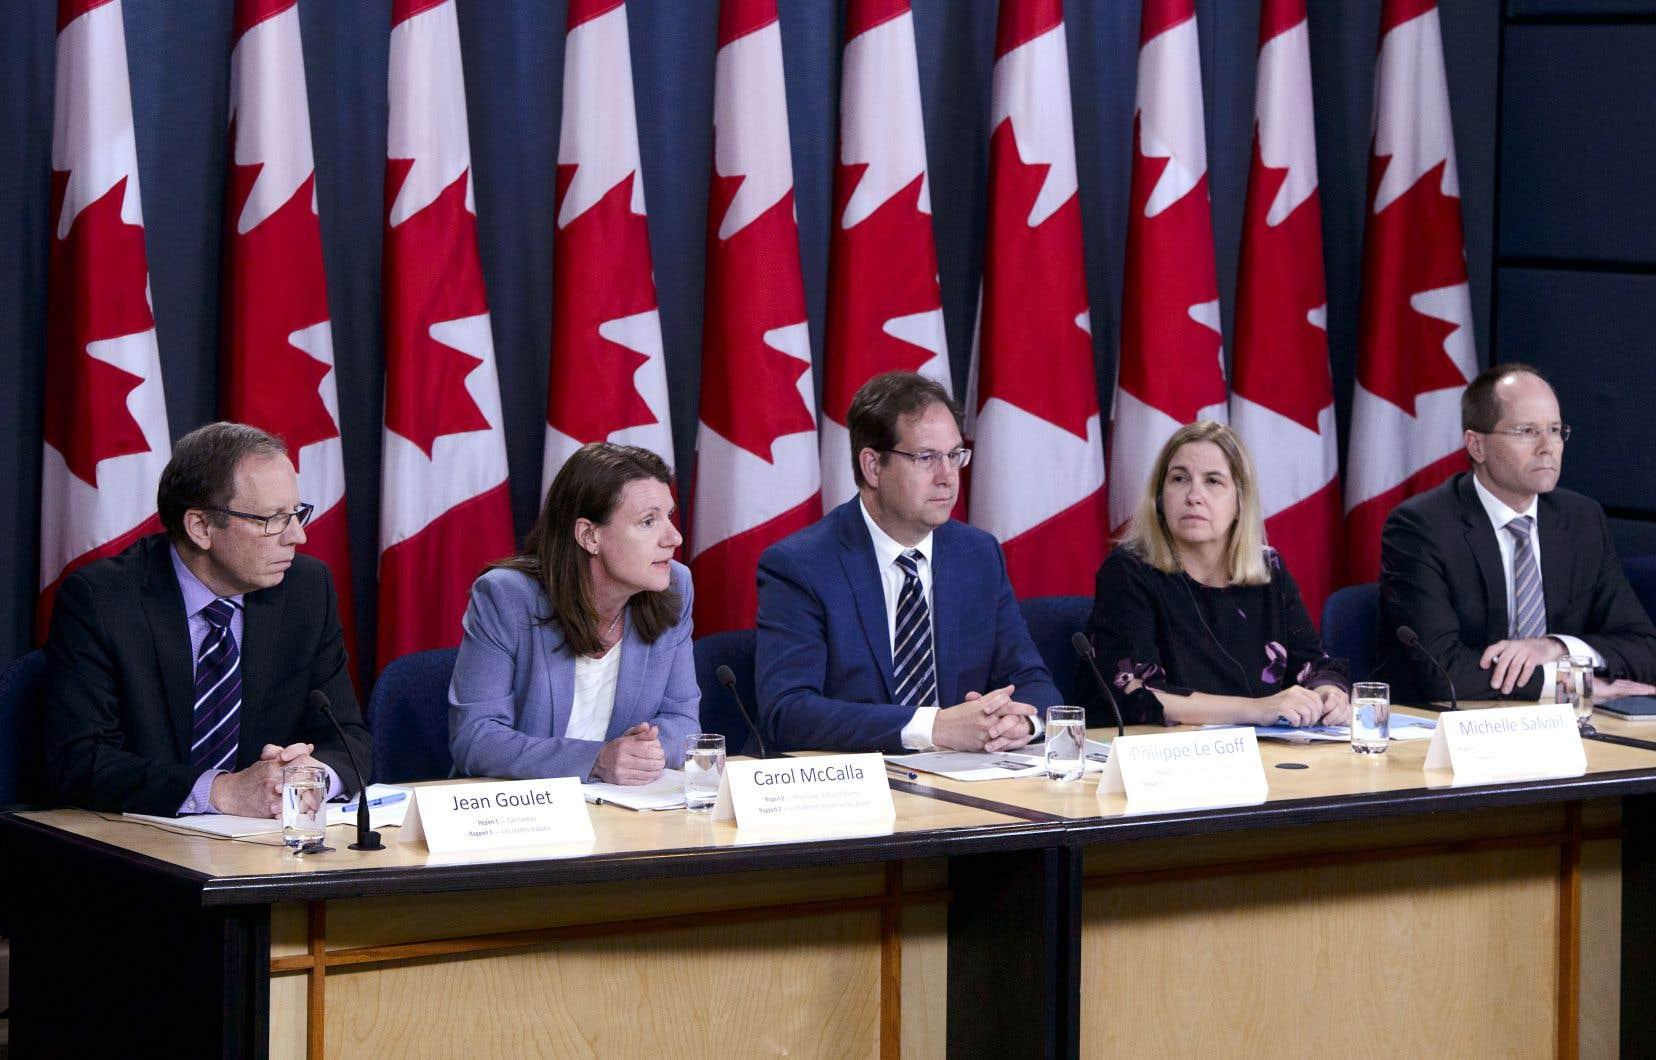 Des officiers du bureau du vérificateur général du Canada lors de la séance d'information à l'intention des journalistes.